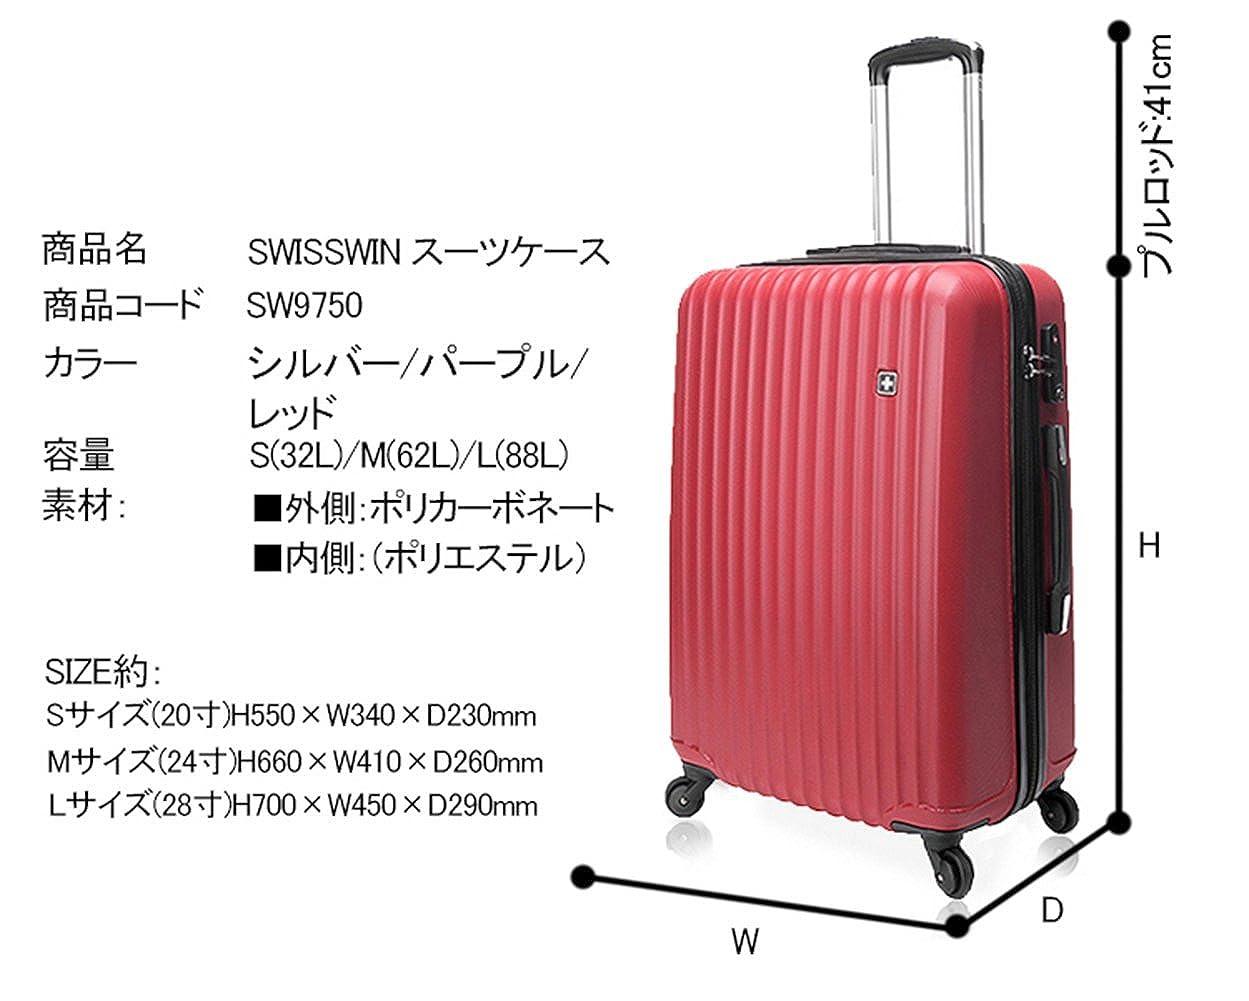 a61359cc4f ... 防水 アウトドア かばん 旅行 バッグ トランクキャリー TSAロック ビジネス 機内持ち込み可 4輪独立サイレントキャスター サイズS 容量 35L レッド | スーツケース